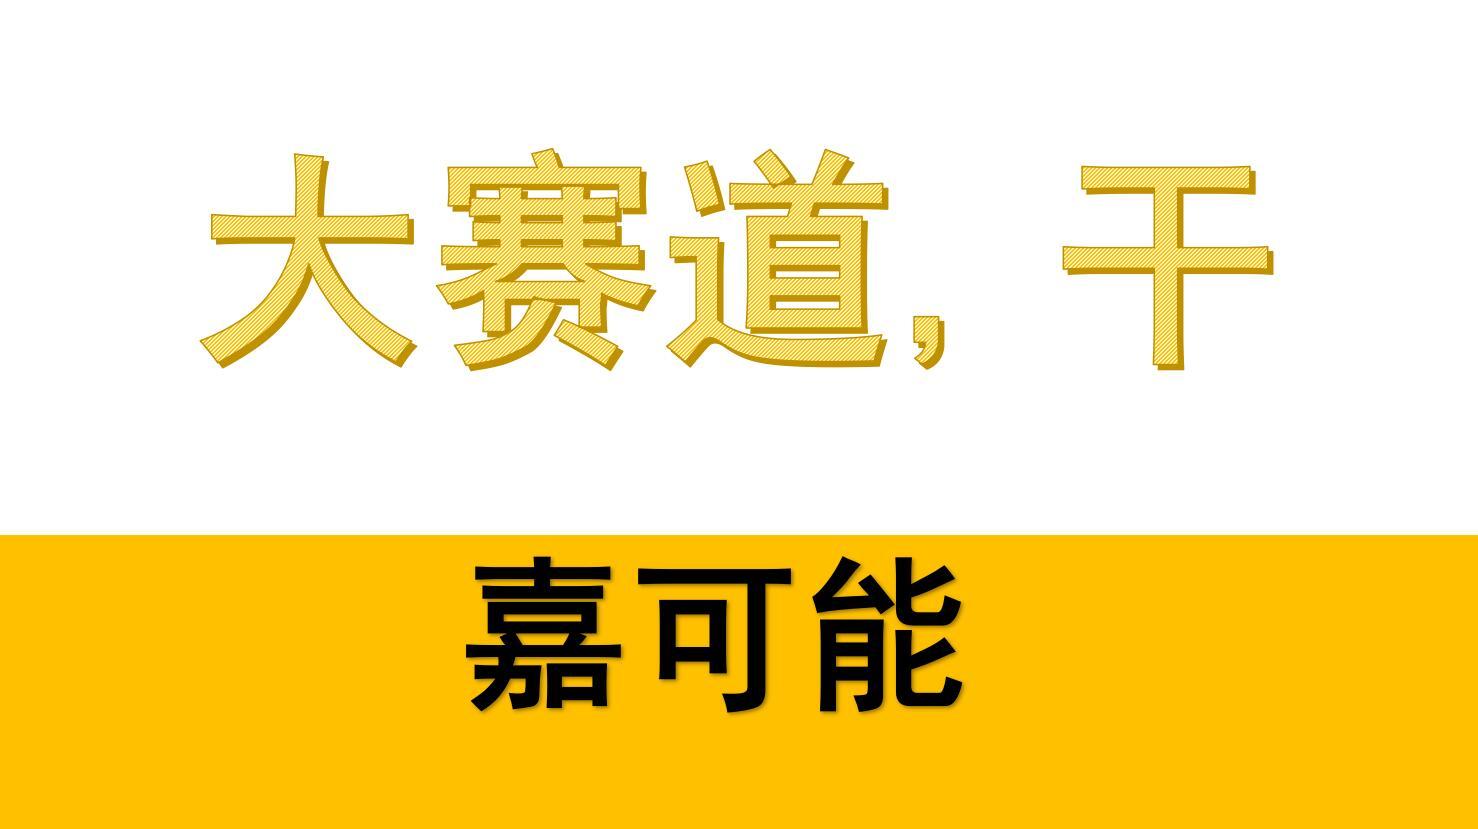 【嘉可能】北汽蓝谷、宁德时代等新能源汽车涨停,直接这样筛选翻倍潜力牛股!(04月19日)